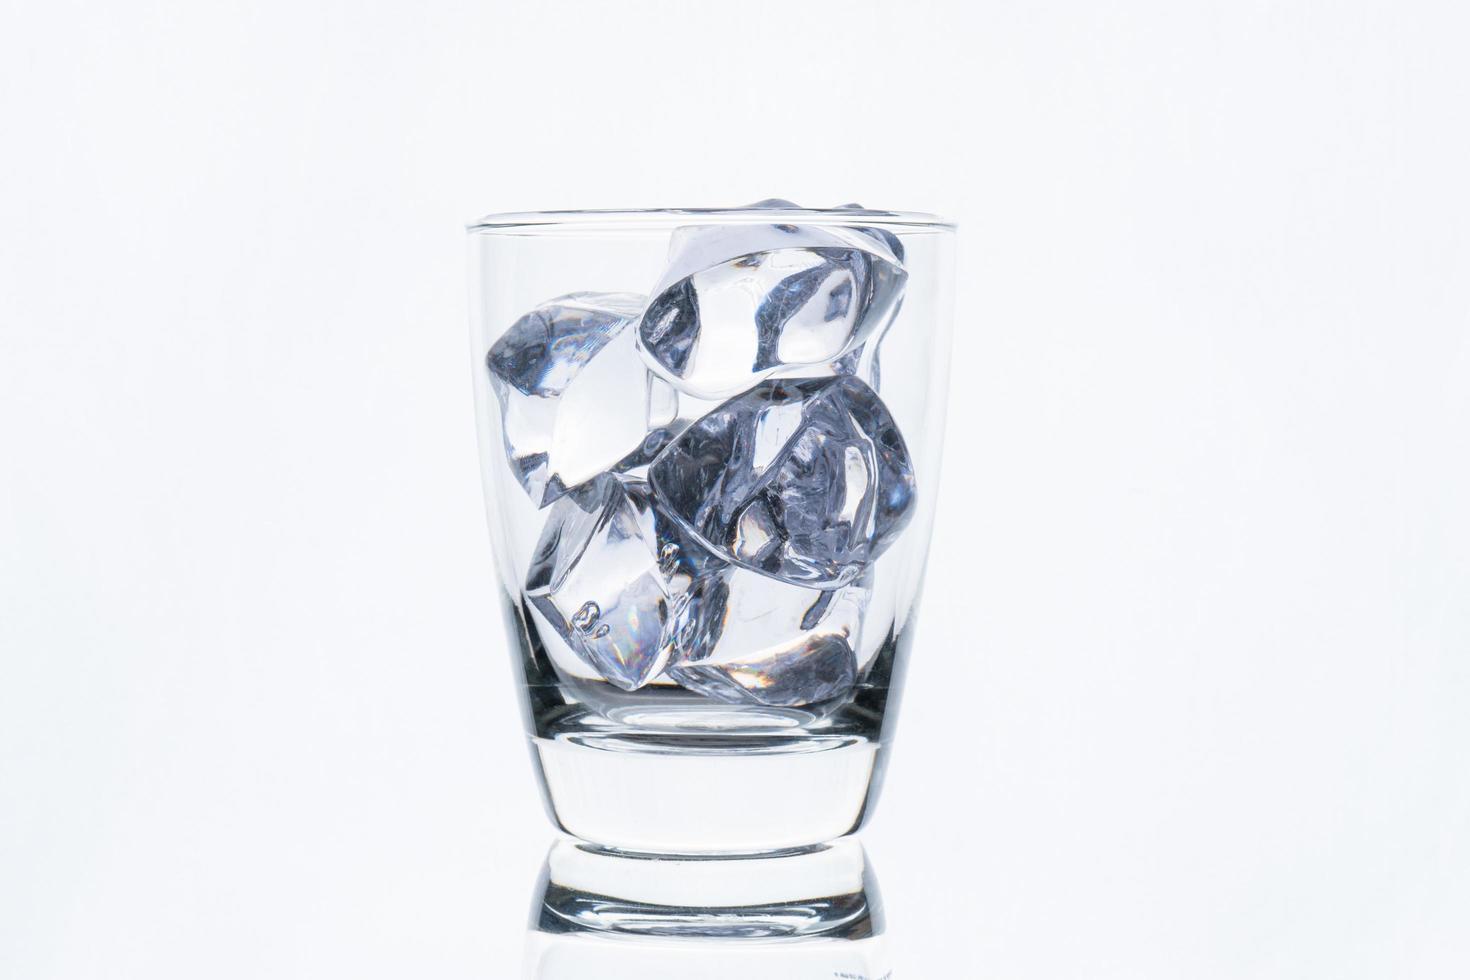 agua helada en vaso transparente foto